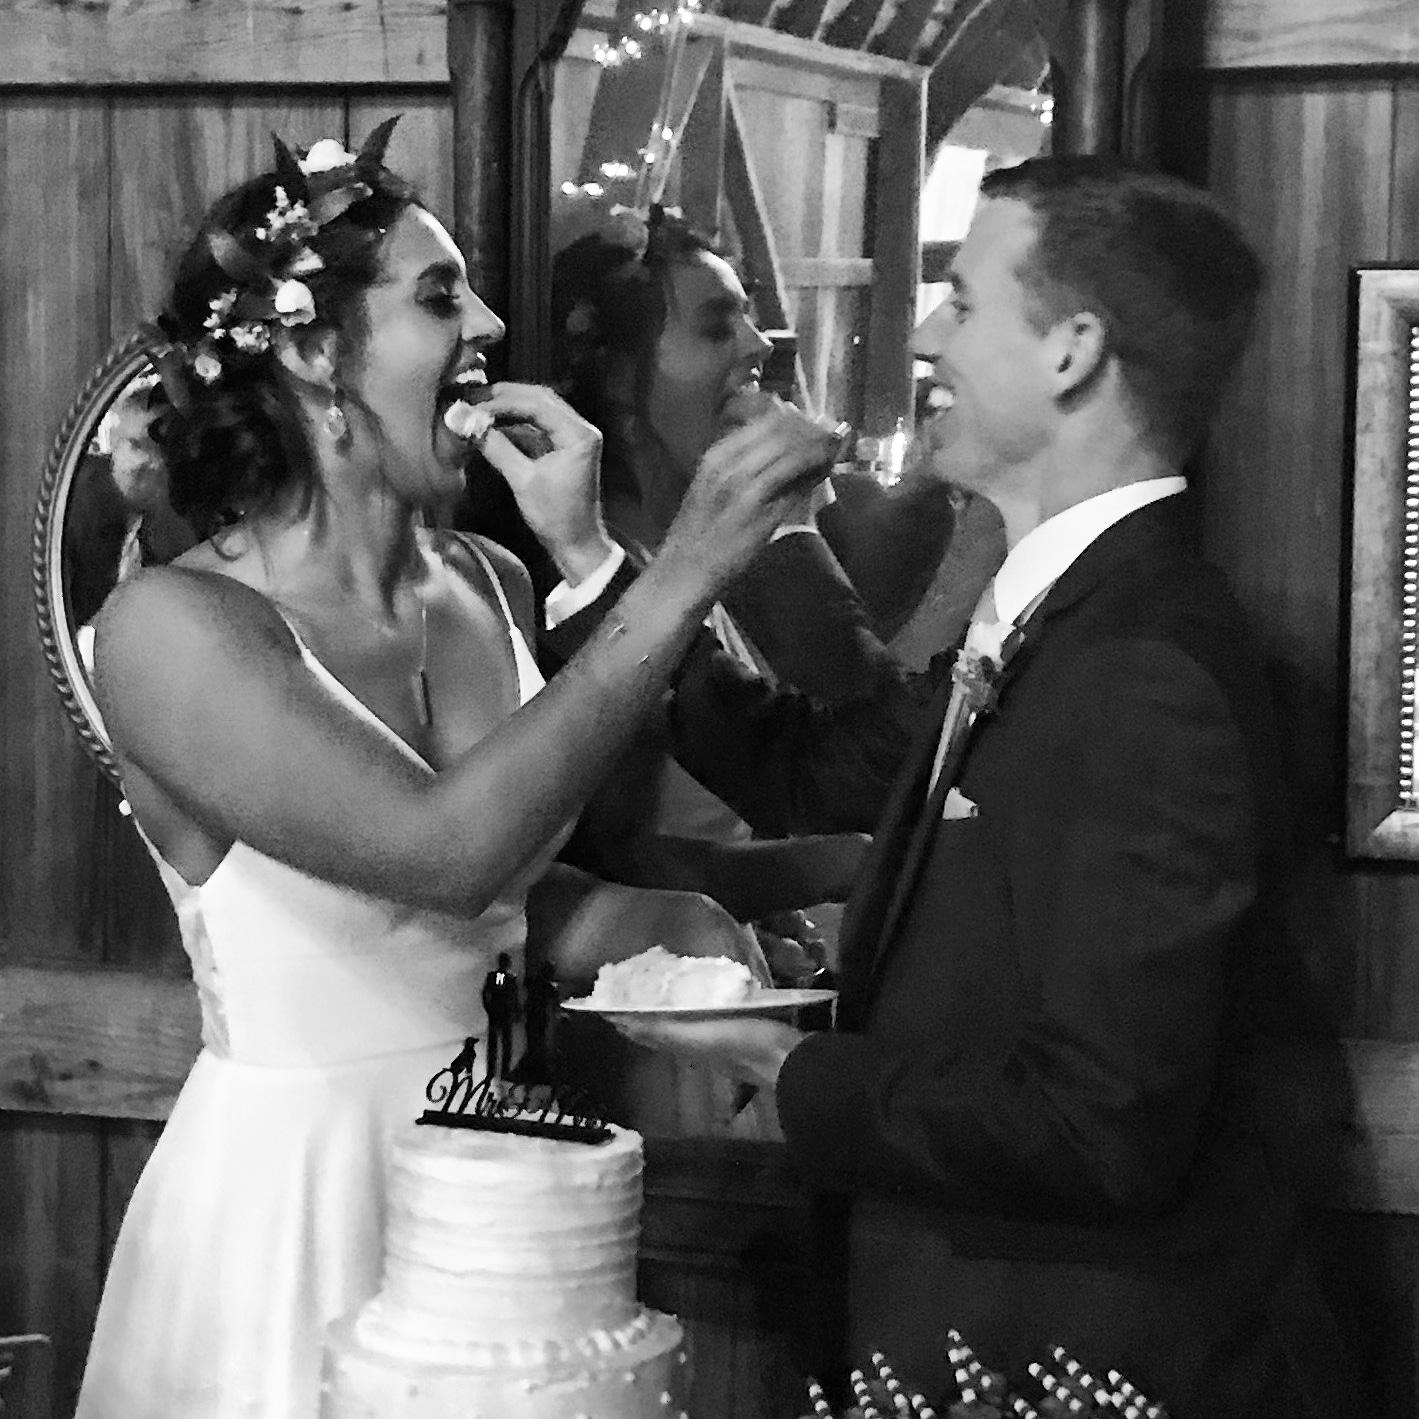 bride-groom-feed-cake.jpg